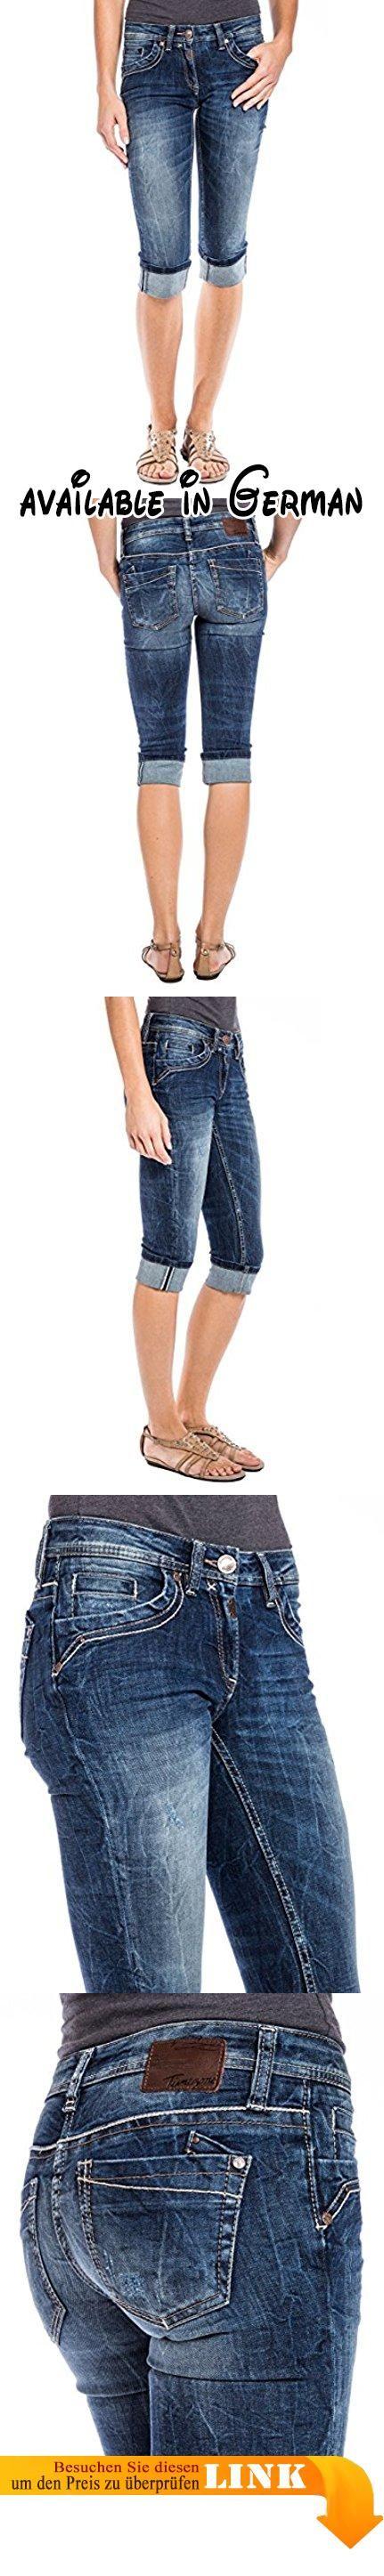 Timezone Damen Short TaliTZ, Gr. 42 (Herstellergröße: 32), Blau (blue patriot wash 3624). Capri-Hose aus Denim für Damen. 3/4 Jeans in mittelblau mit modischen Wascheffekten #Apparel #PANTS